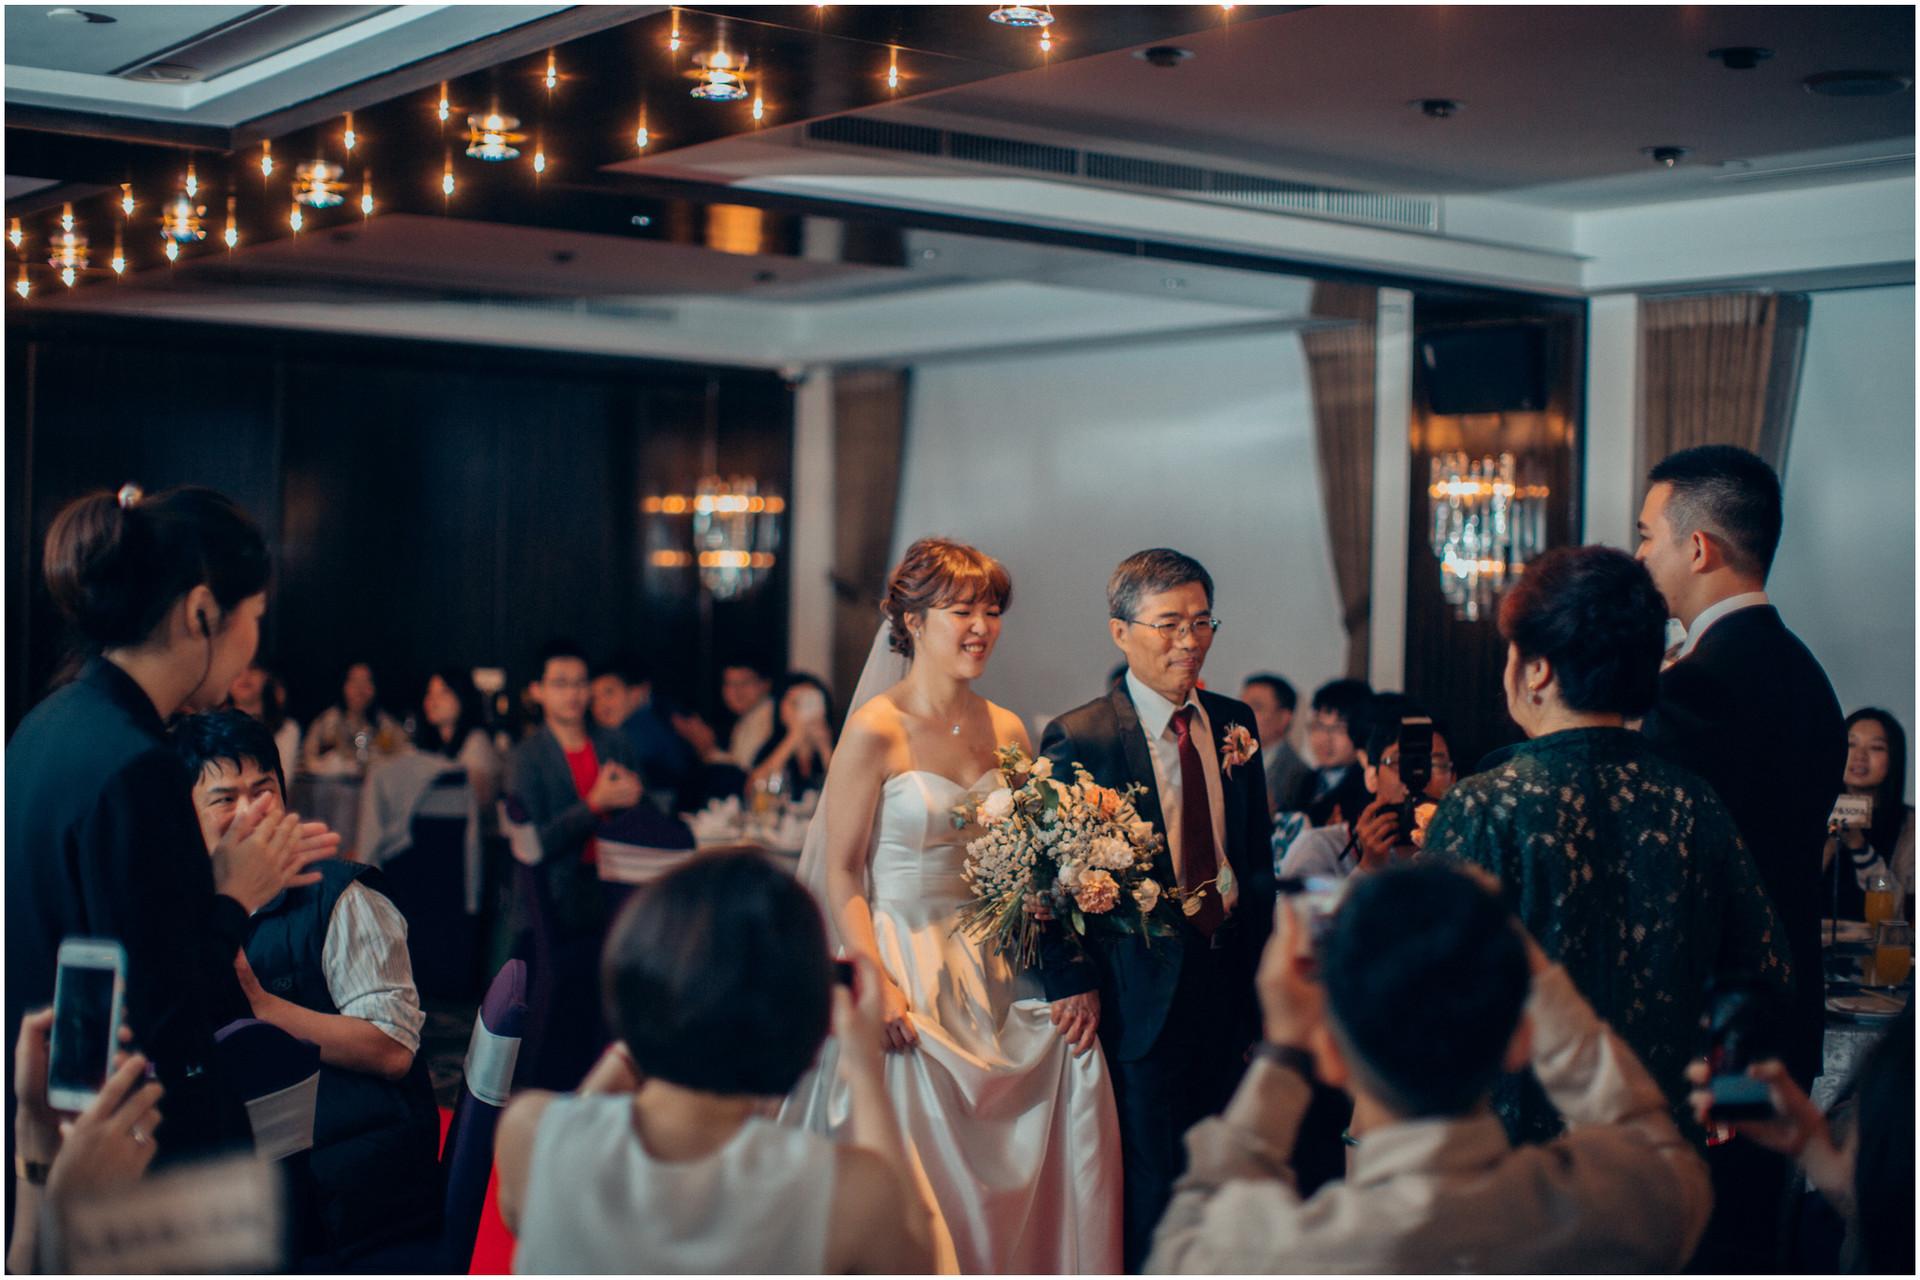 婚禮紀錄 / 平面攝影 / 訂婚 / 結婚 / 類婚紗 / 世貿聯誼社 / 世貿33